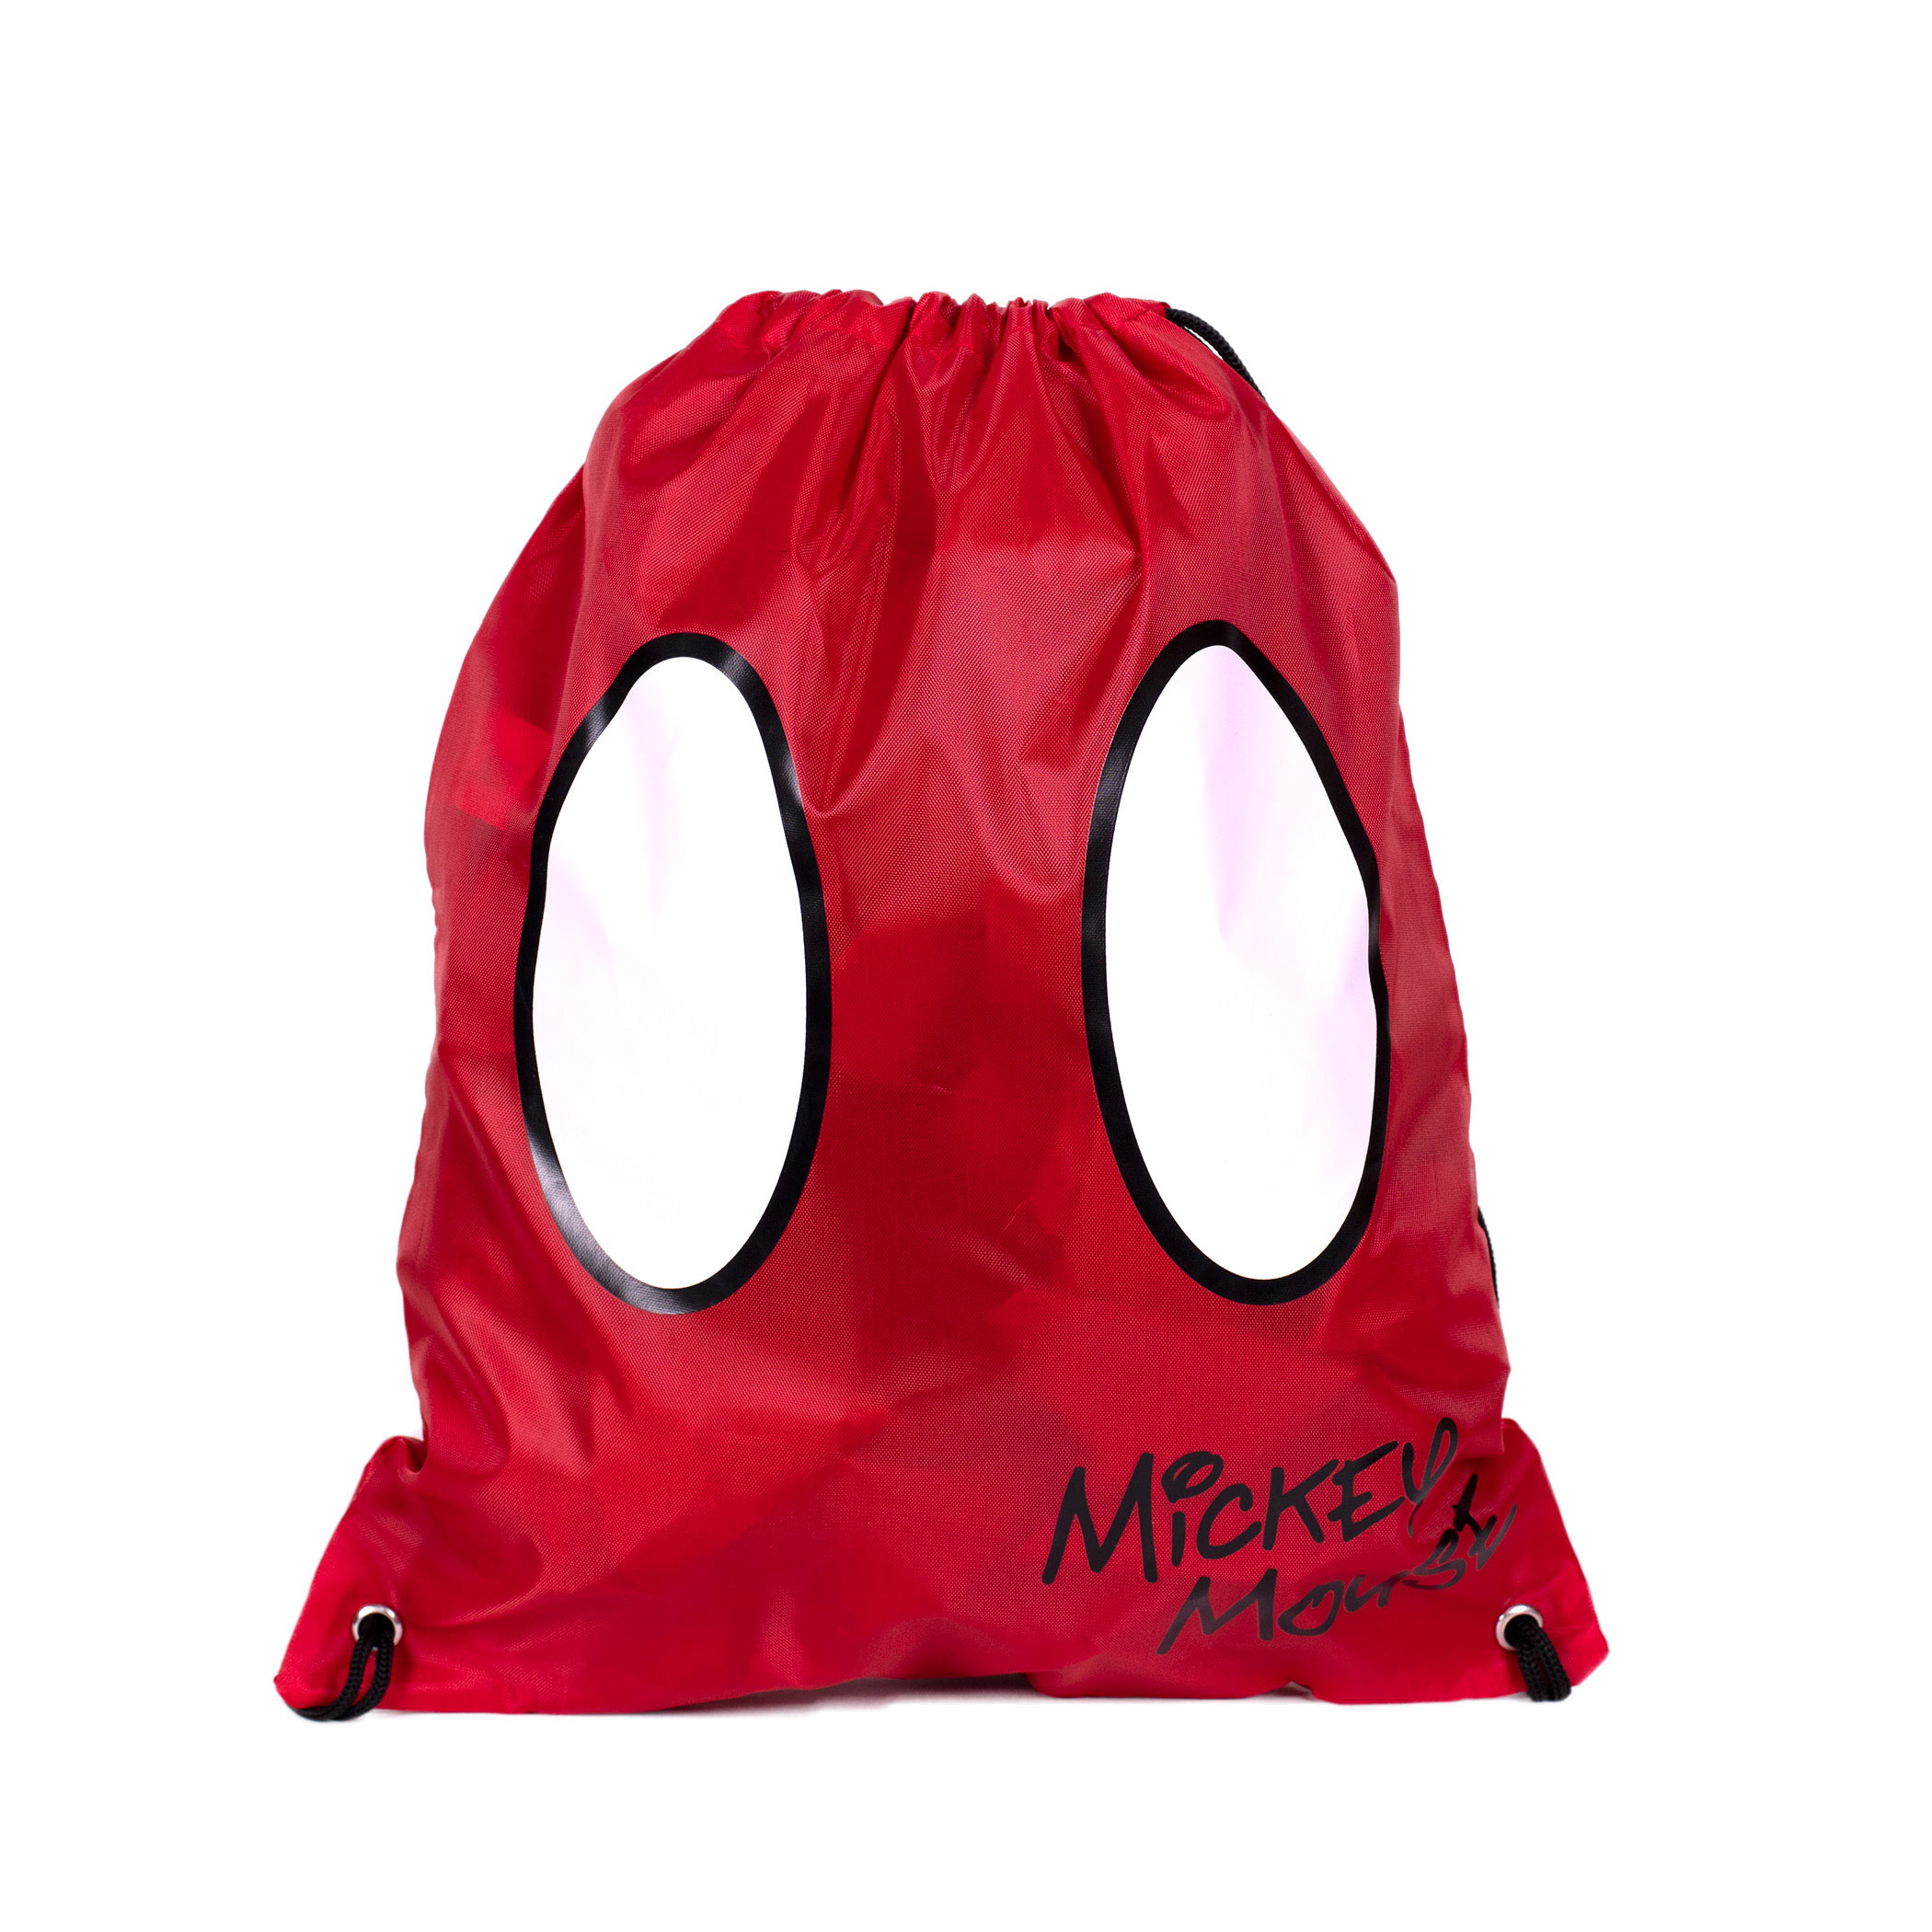 Mickey Mouse Red Shorts Drawstring Bag